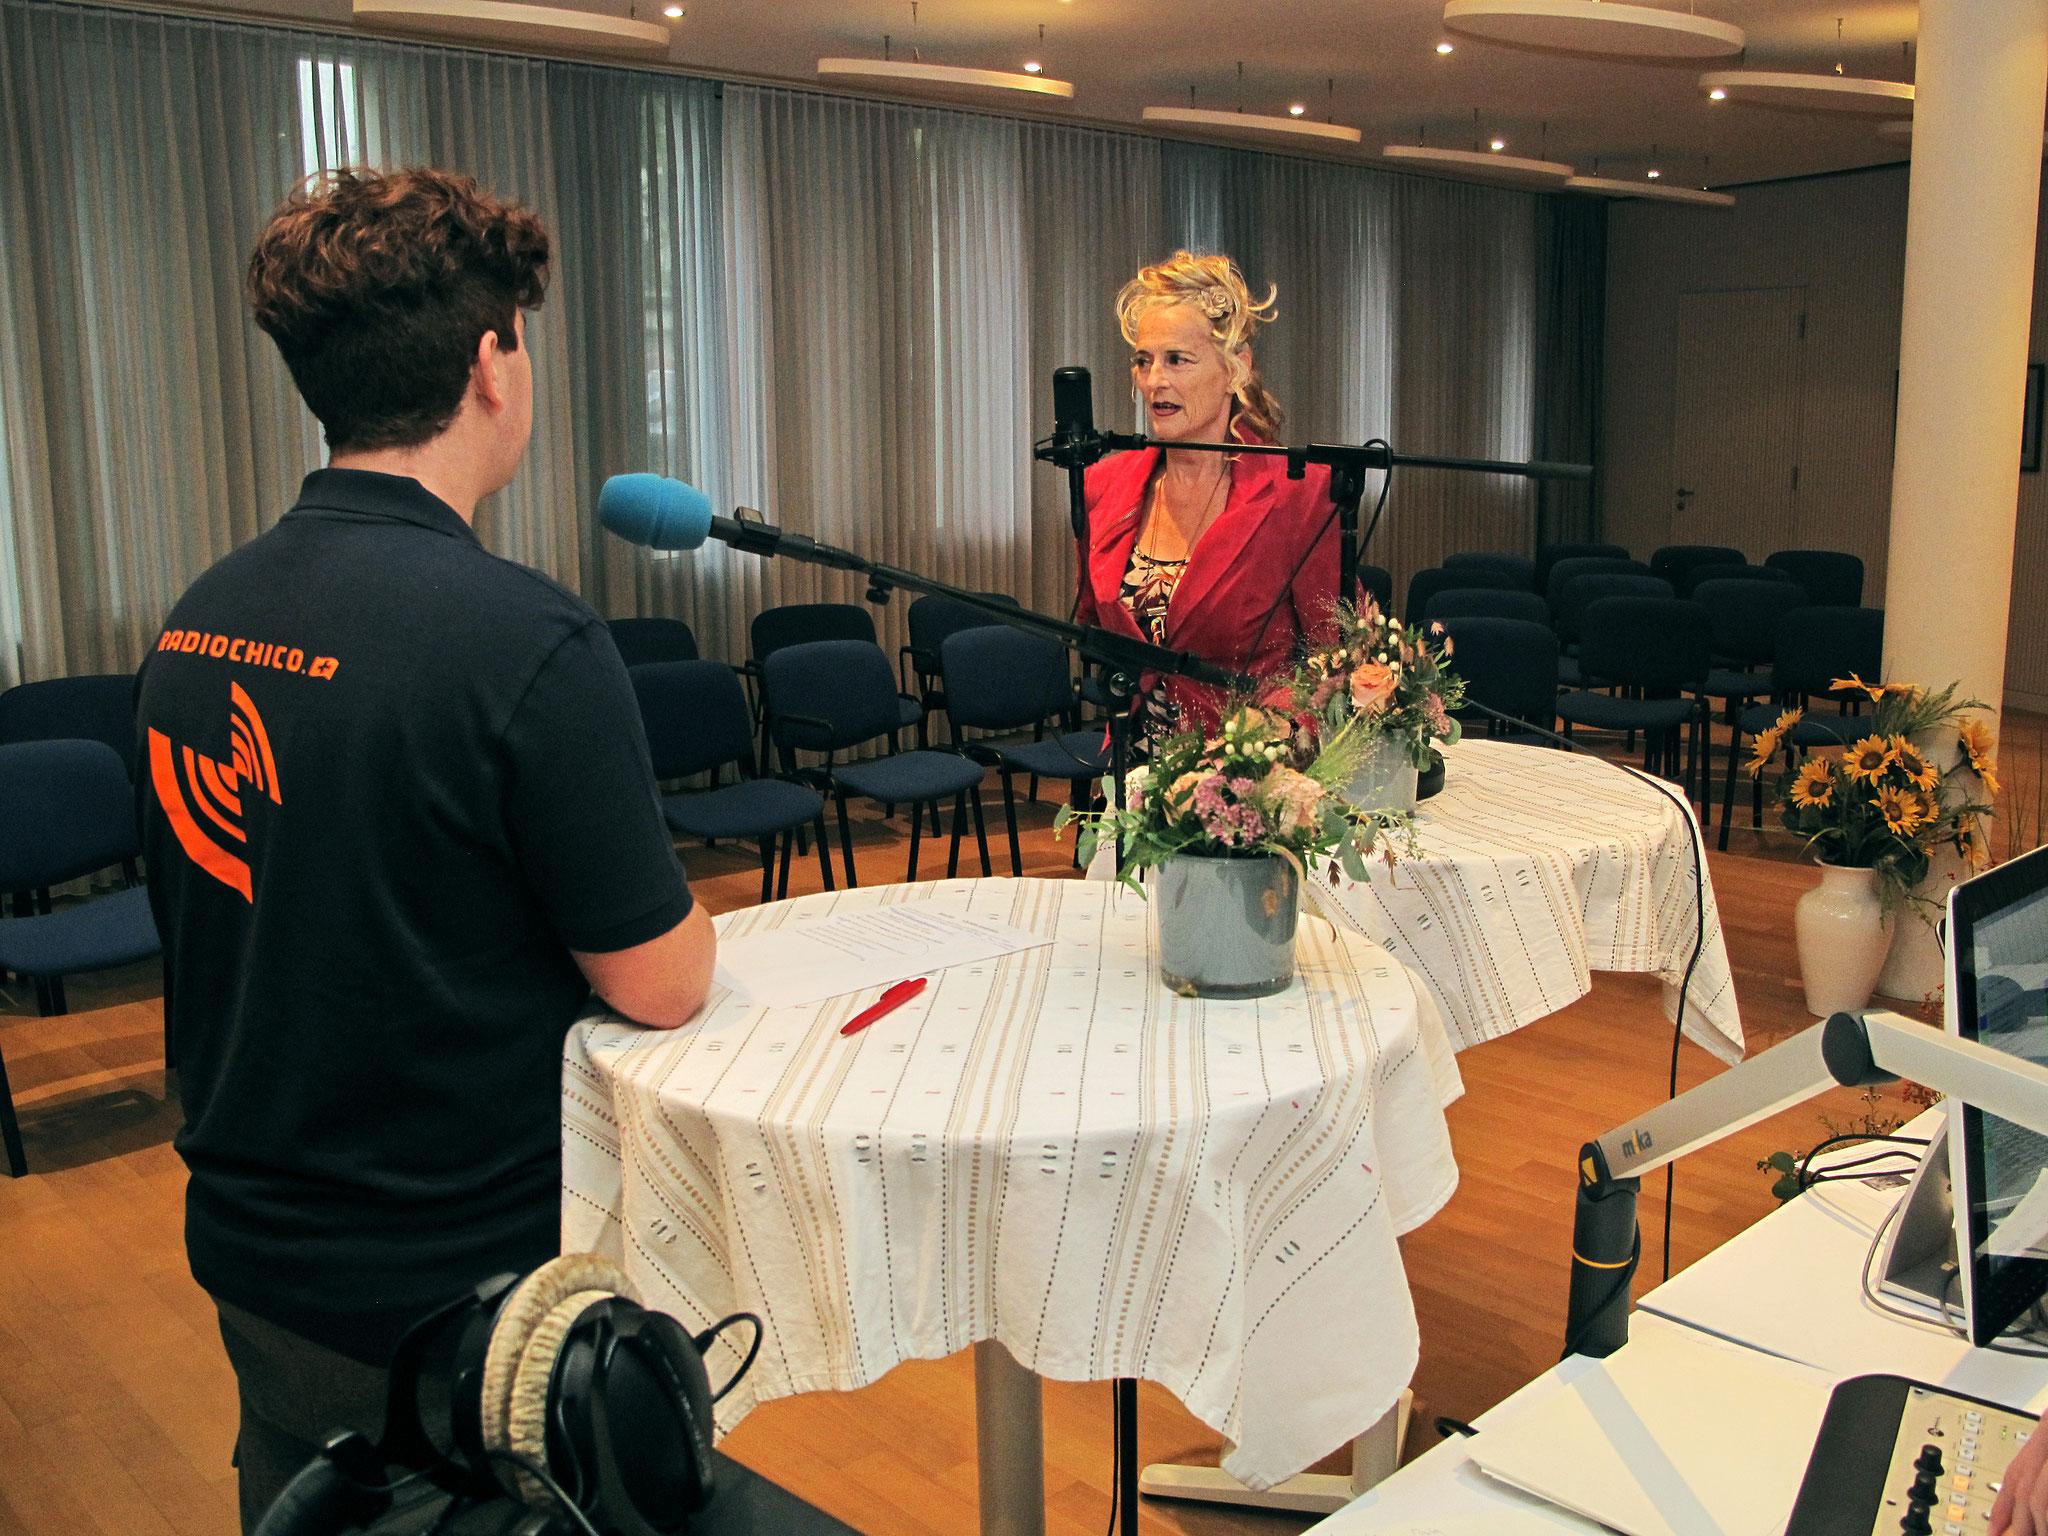 Christine Lauterburg im Gespräch mit Moderator Lorenzo